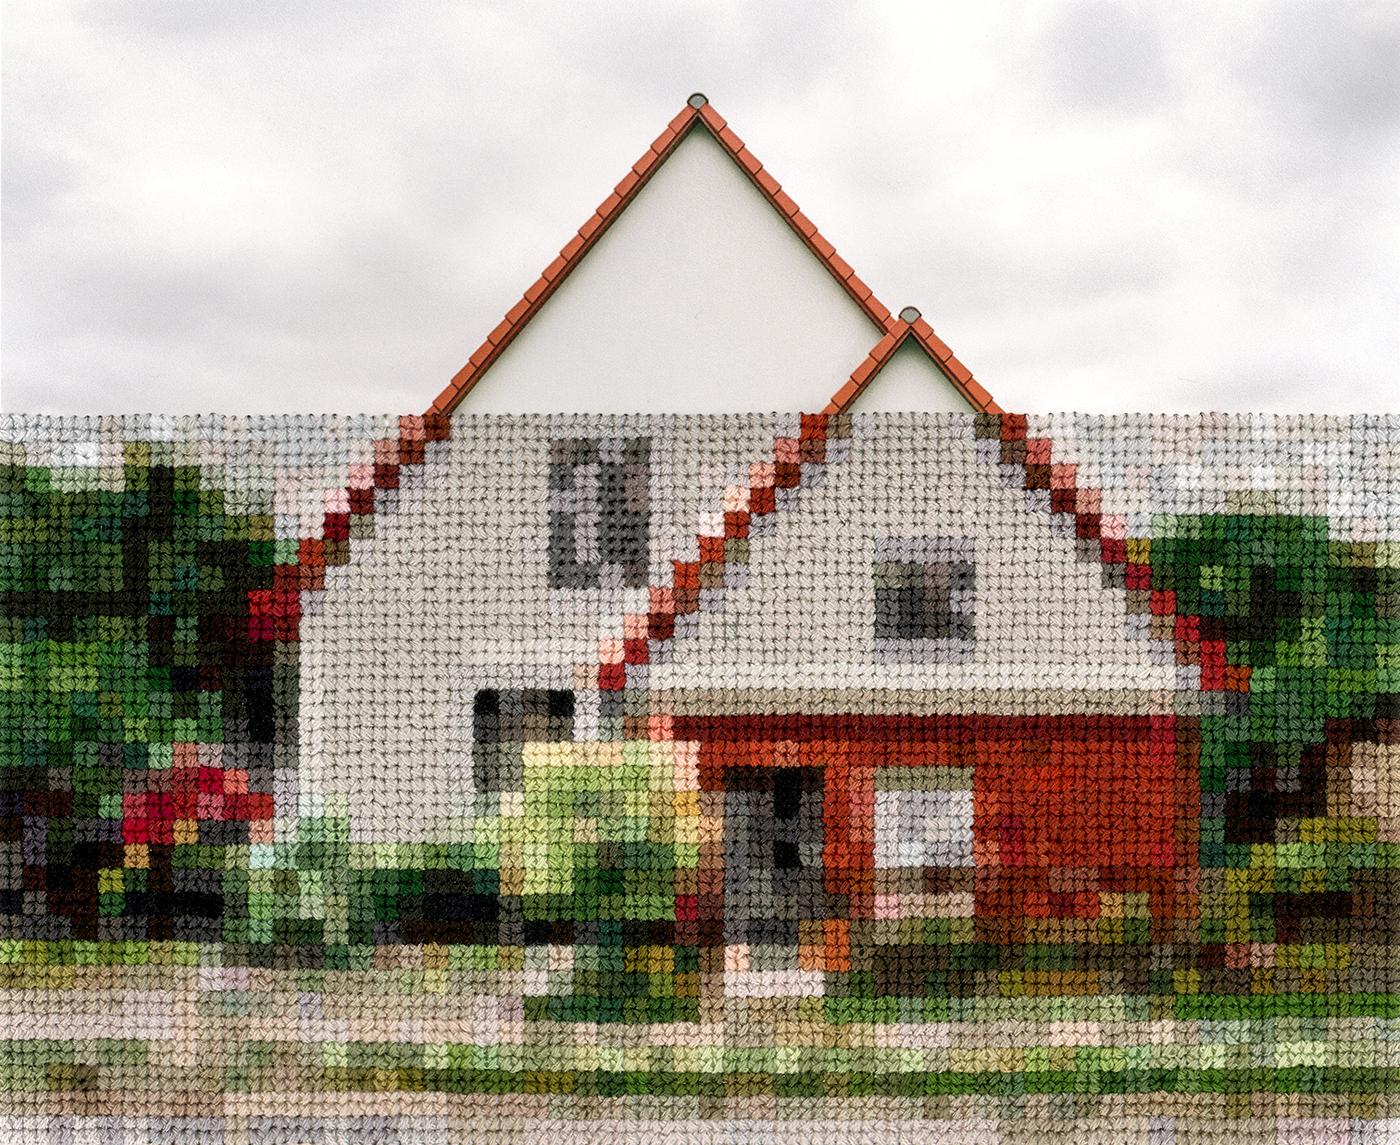 Diane_Meyer_House_Wall_Area_Near_Lichterfelde_Sud.jpg